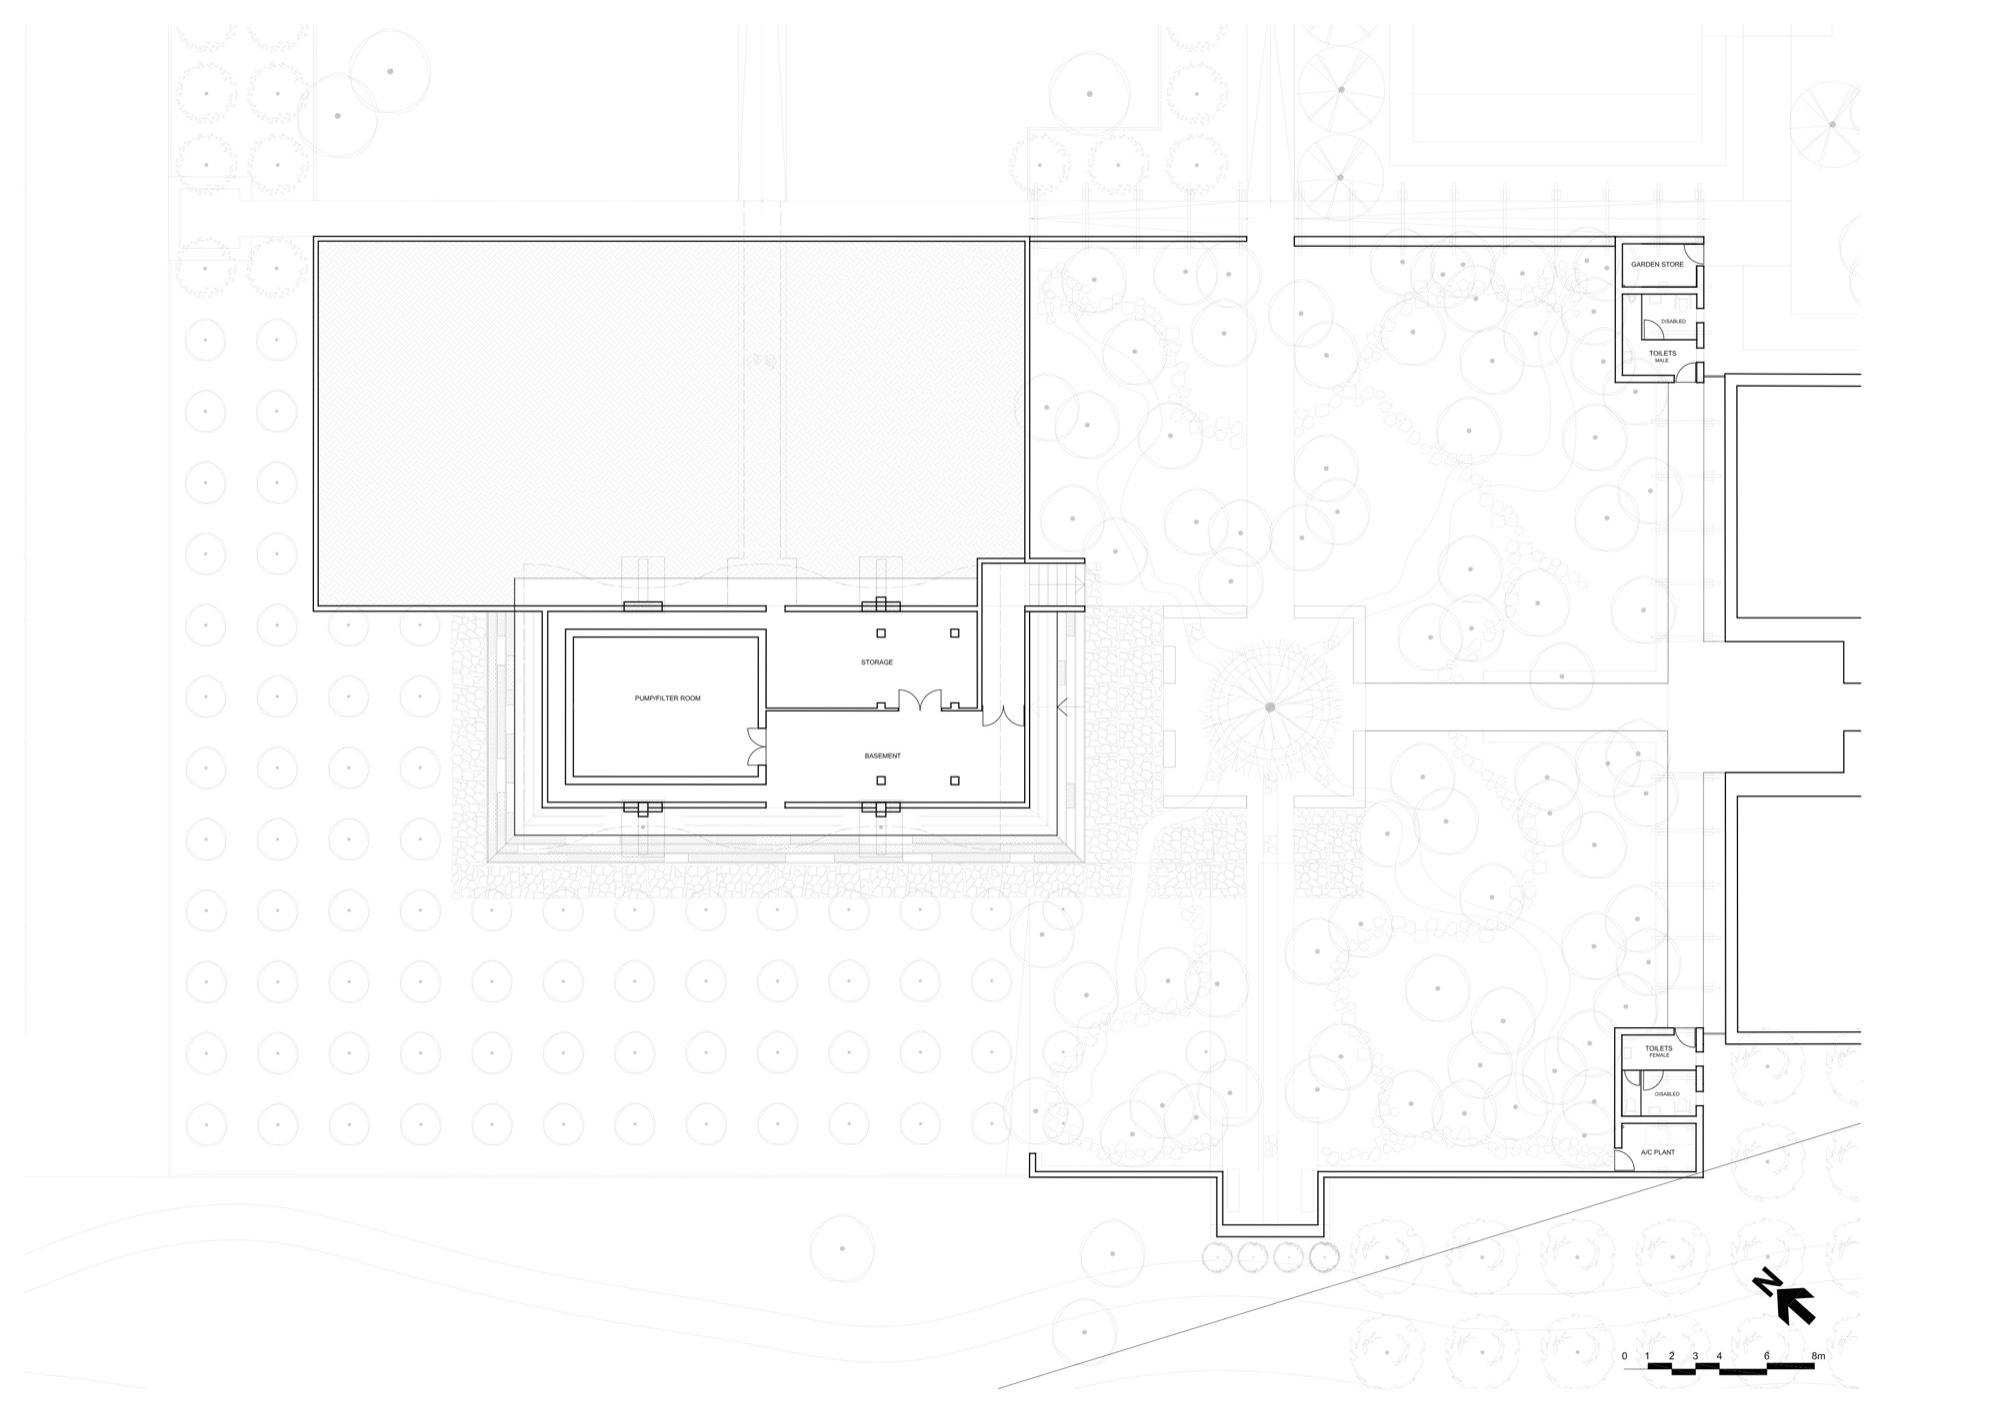 Galer a de capilla bosjes steyn studio 18 for Floor 5 swordburst 2